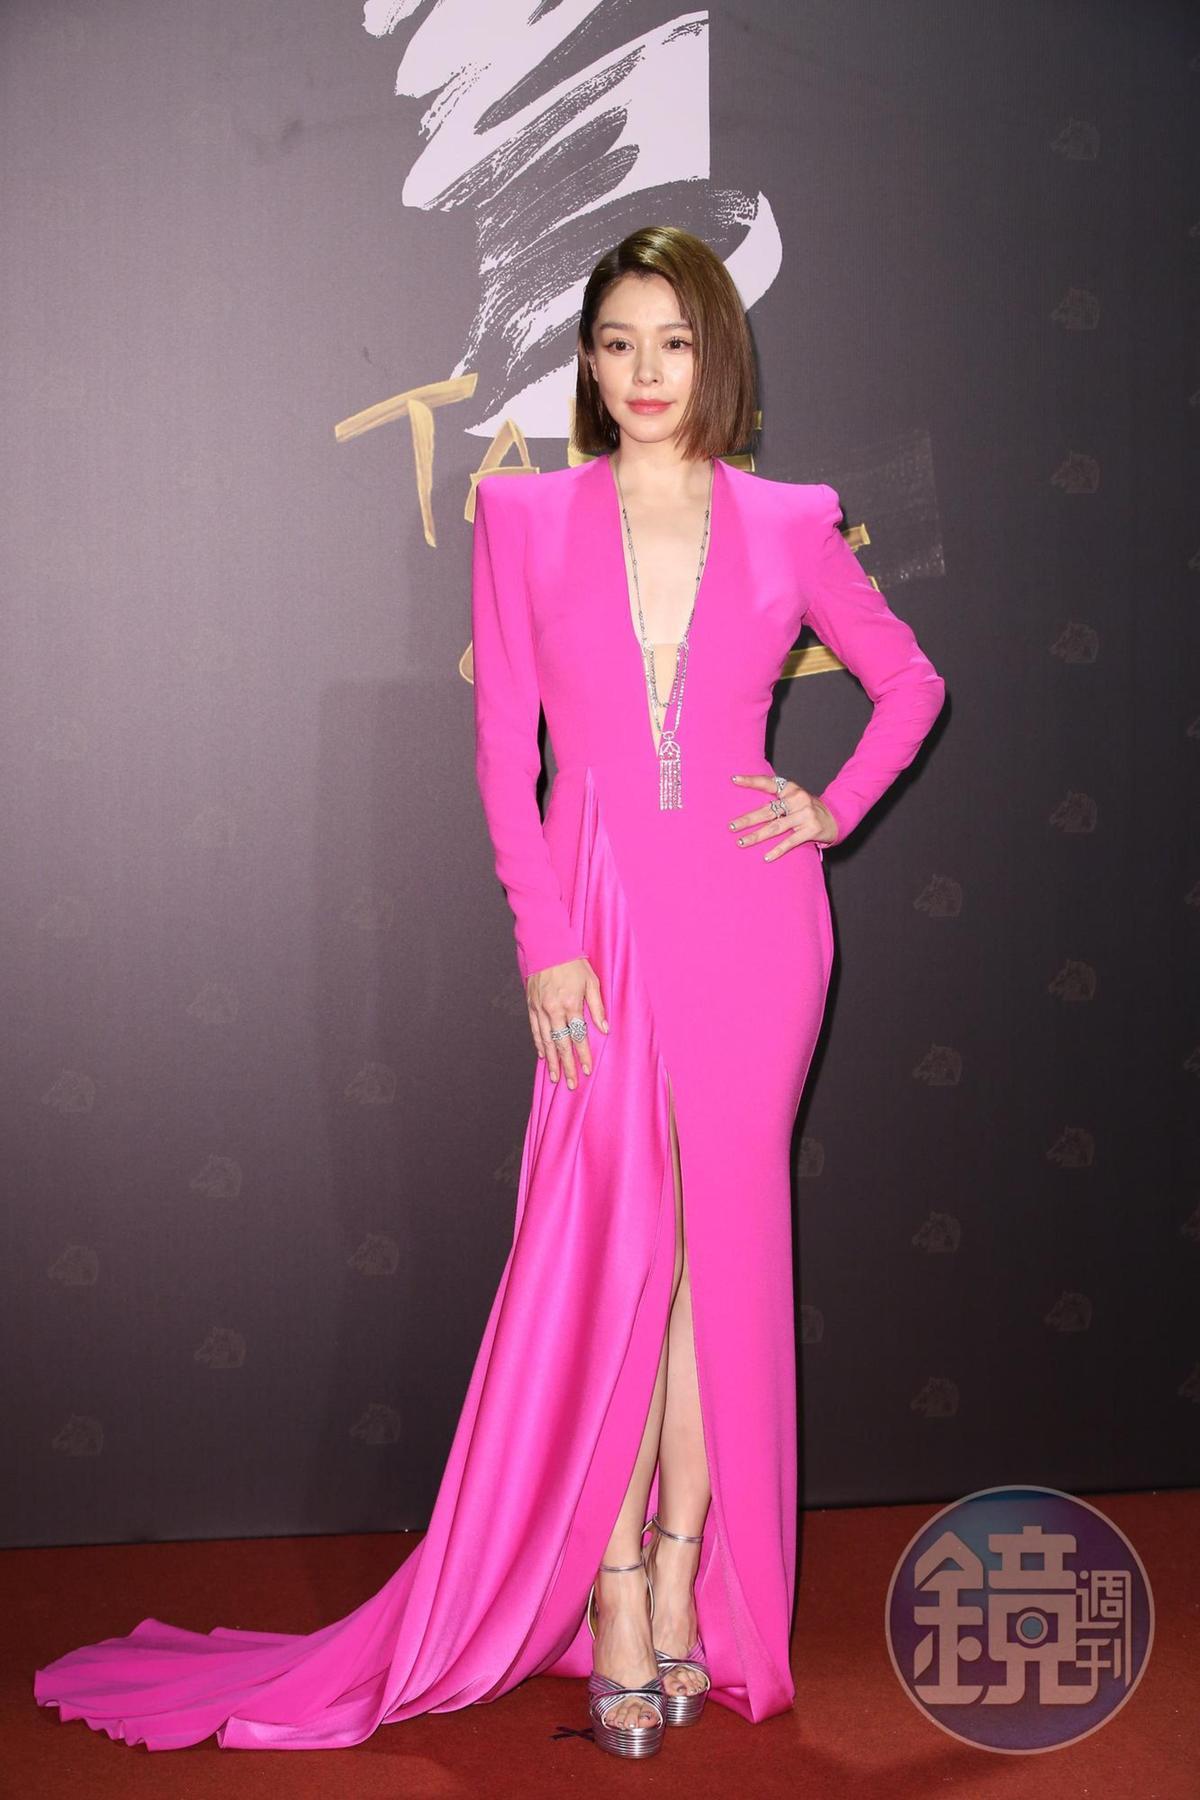 徐若瑄一身桃紅小露事業線,在紅毯相當亮眼。